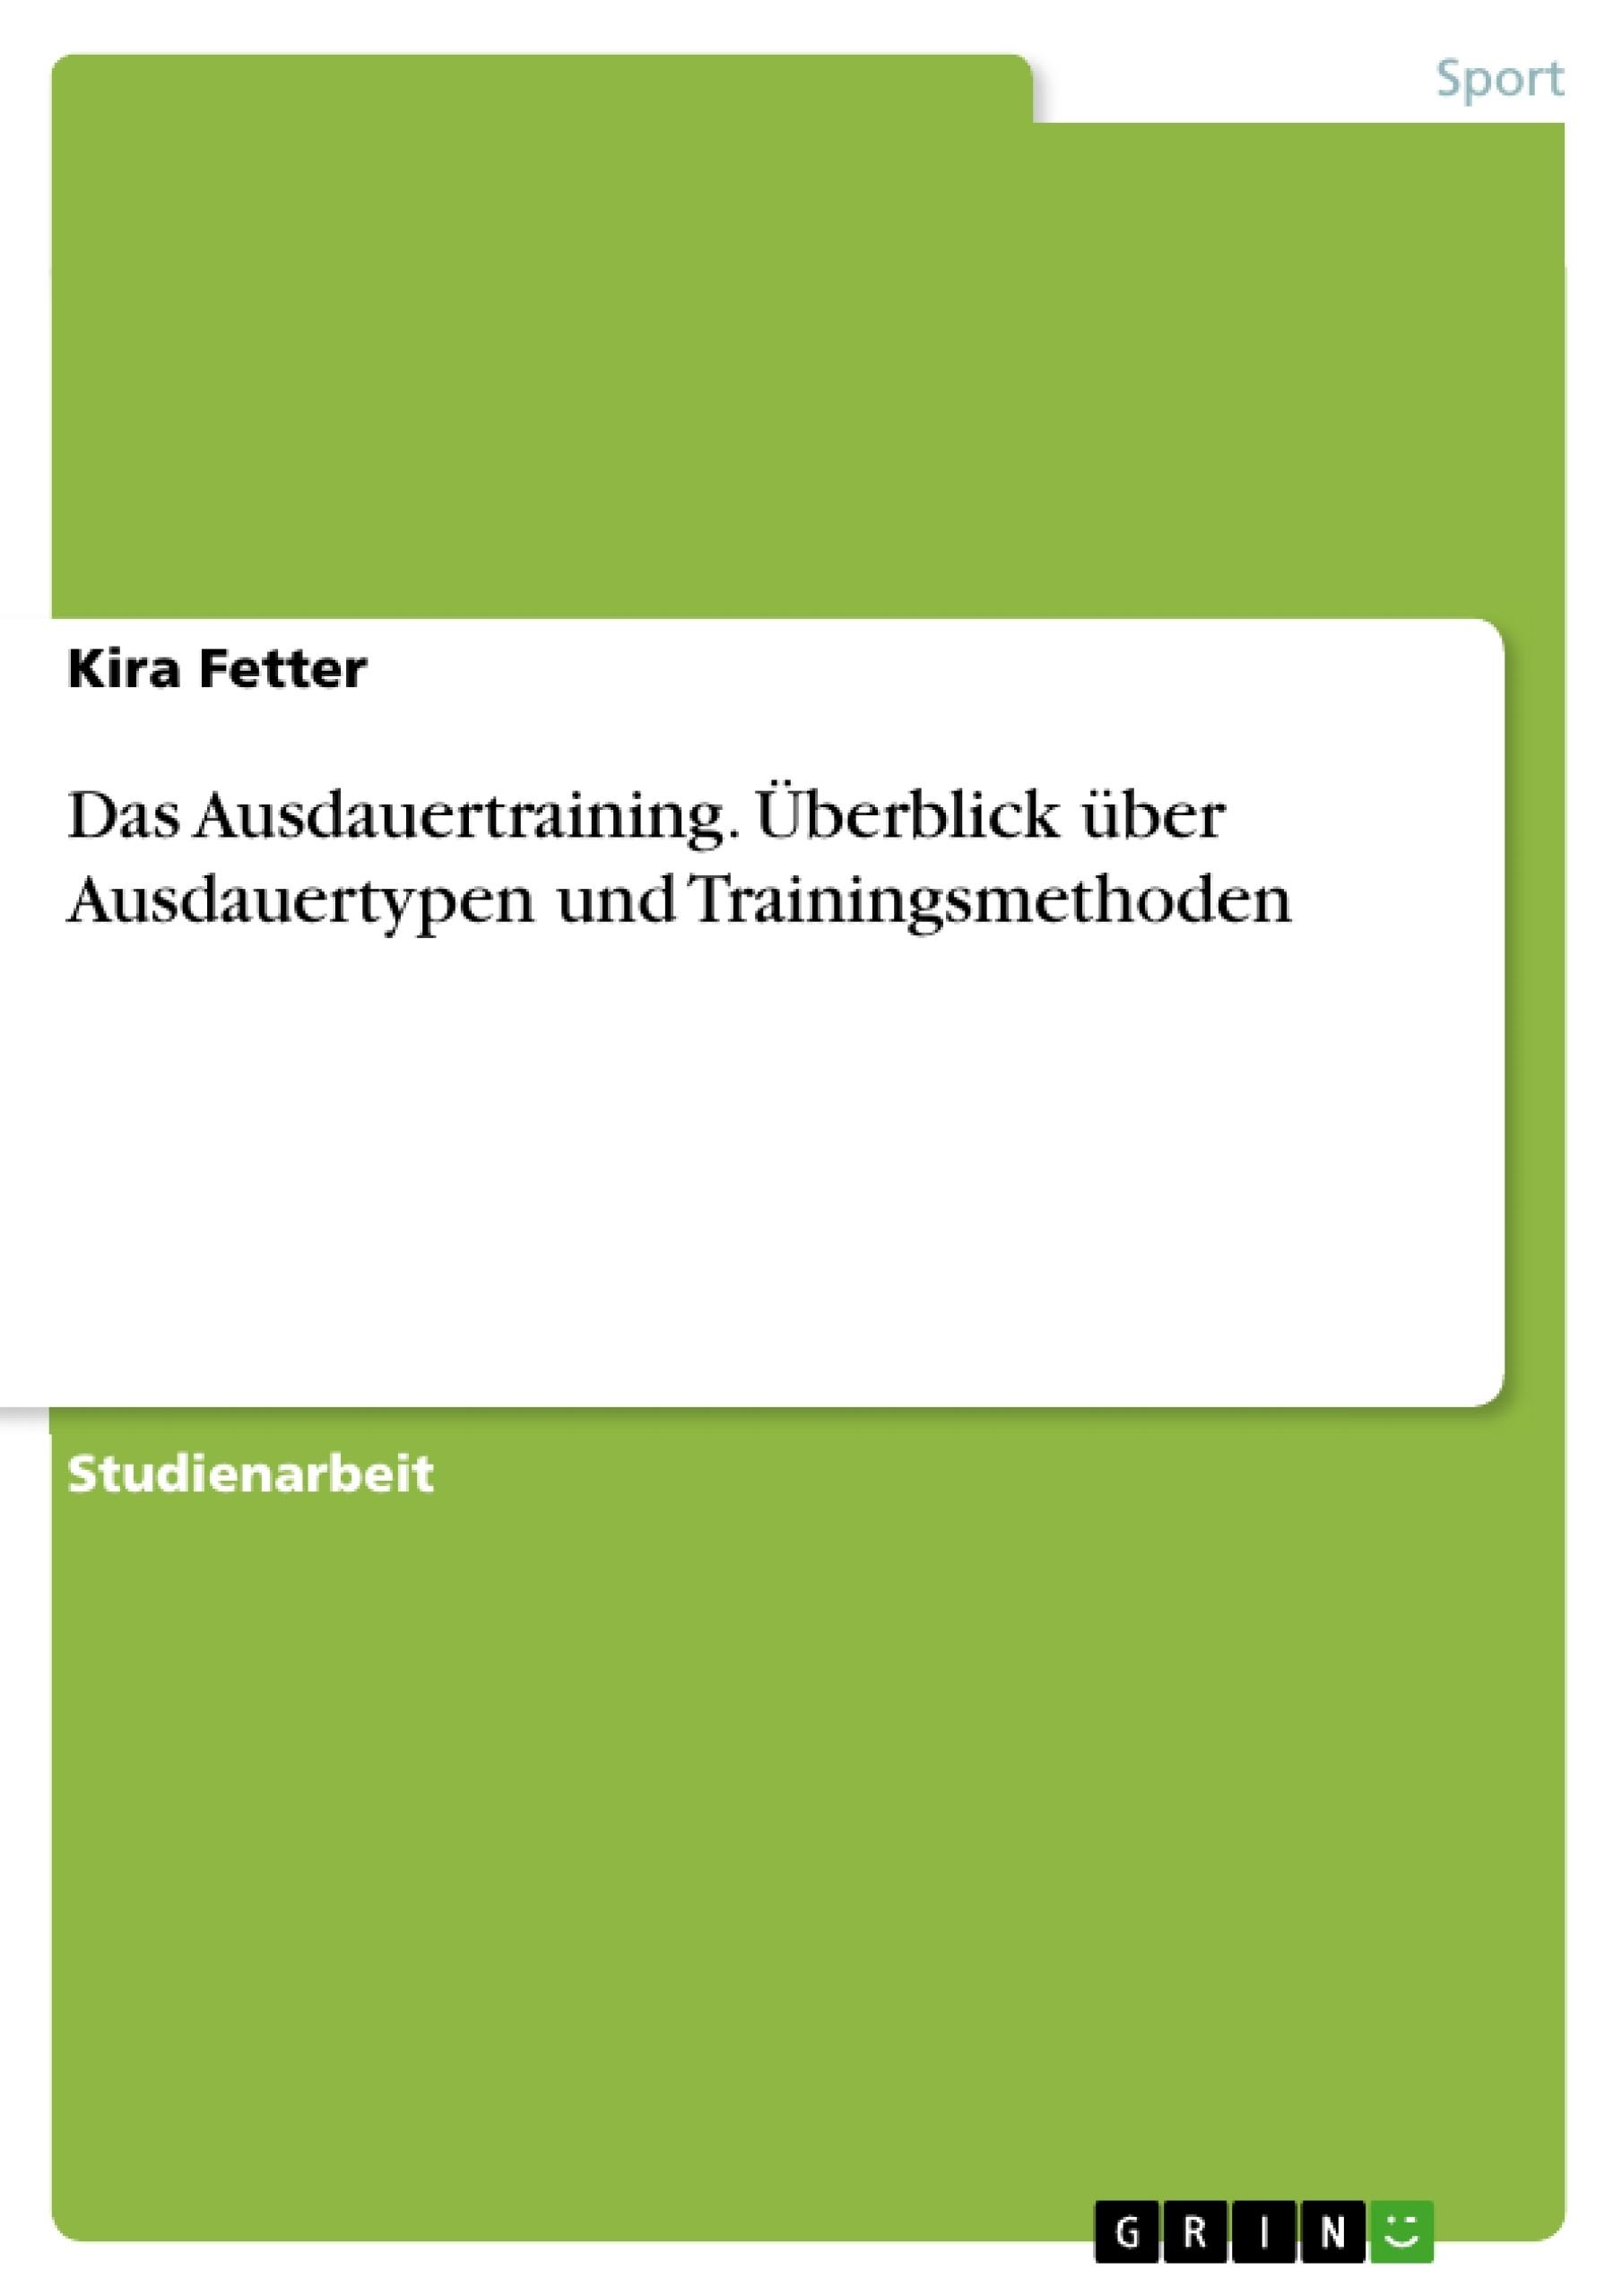 Titel: Das Ausdauertraining. Überblick über Ausdauertypen und Trainingsmethoden